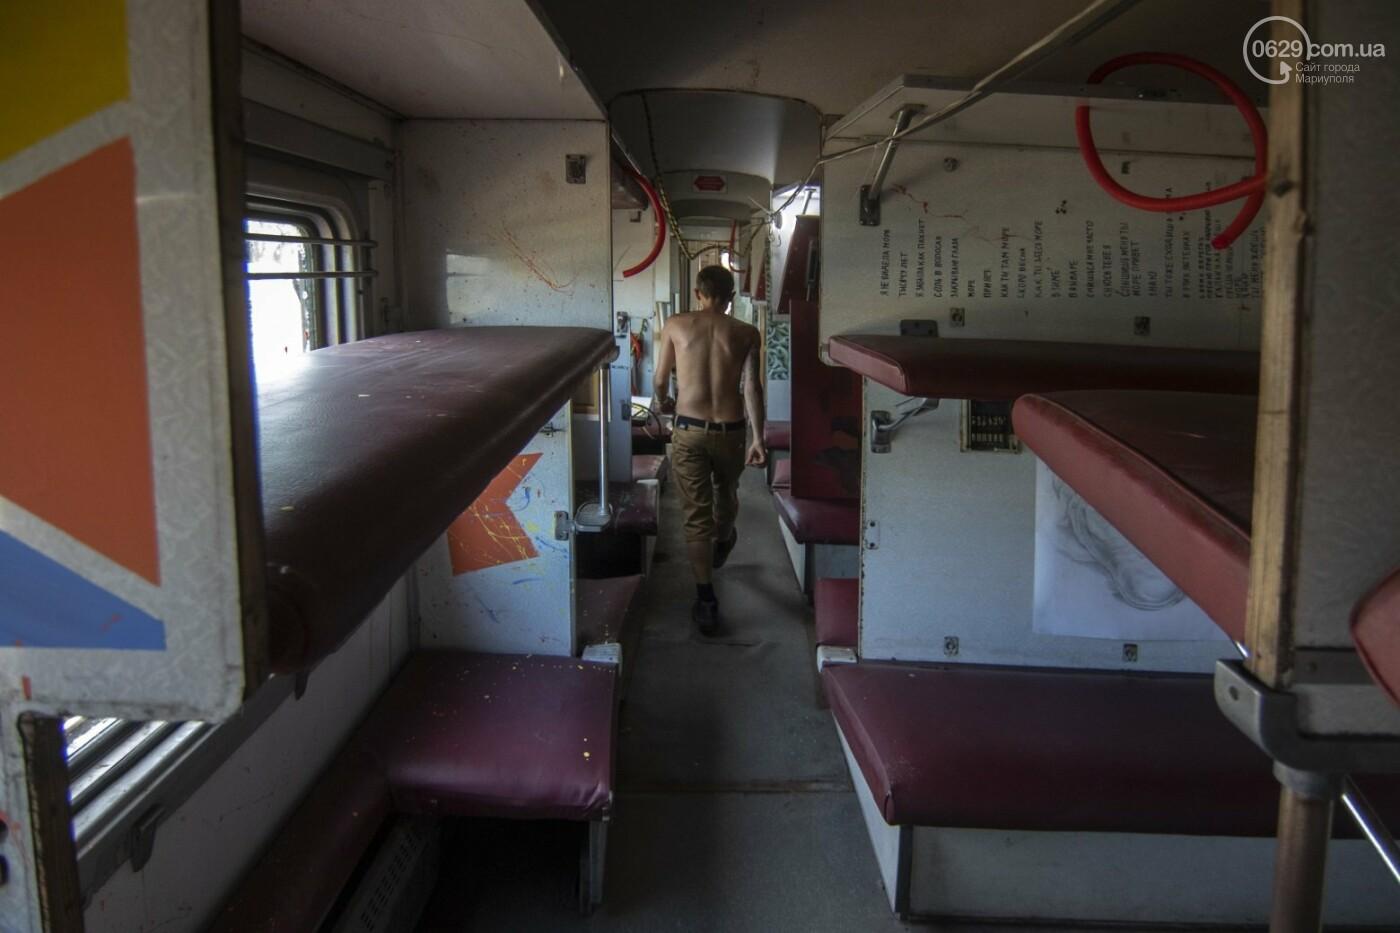 Во что превратили художники старый железнодорожный состав в Мариуполе. 33 фотографии! , фото-16